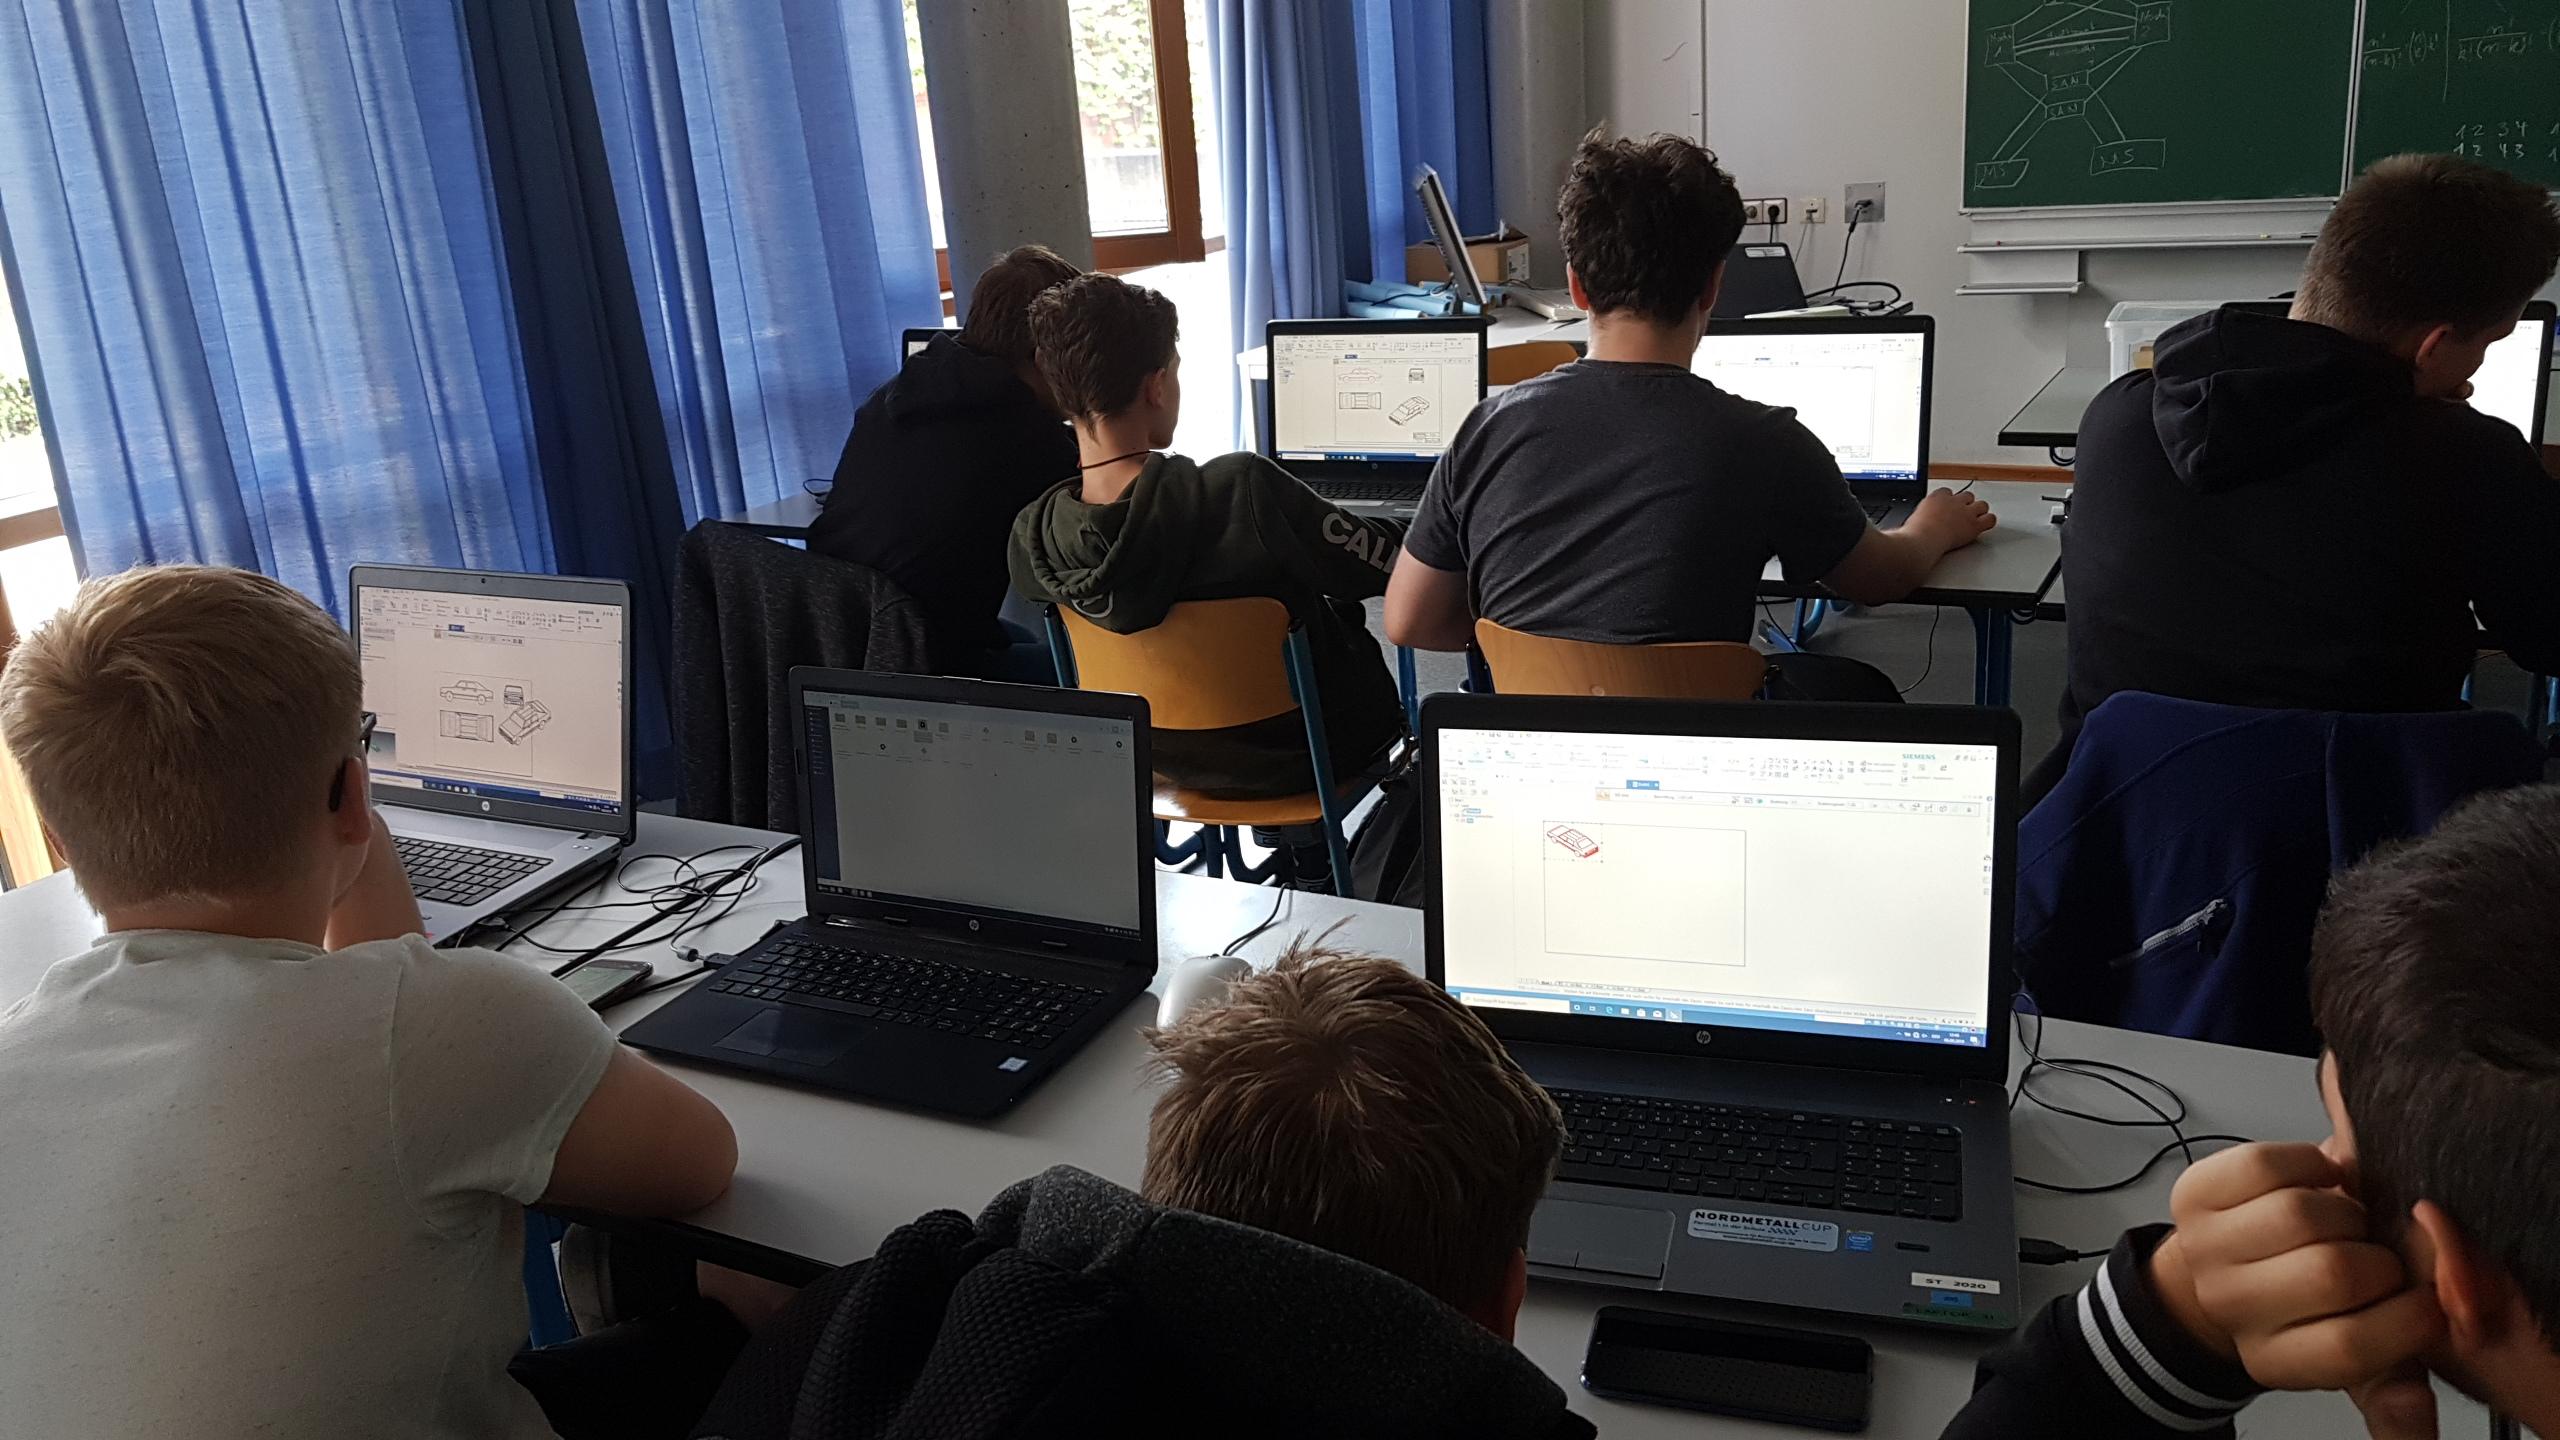 Formel 1 in schools - DQI